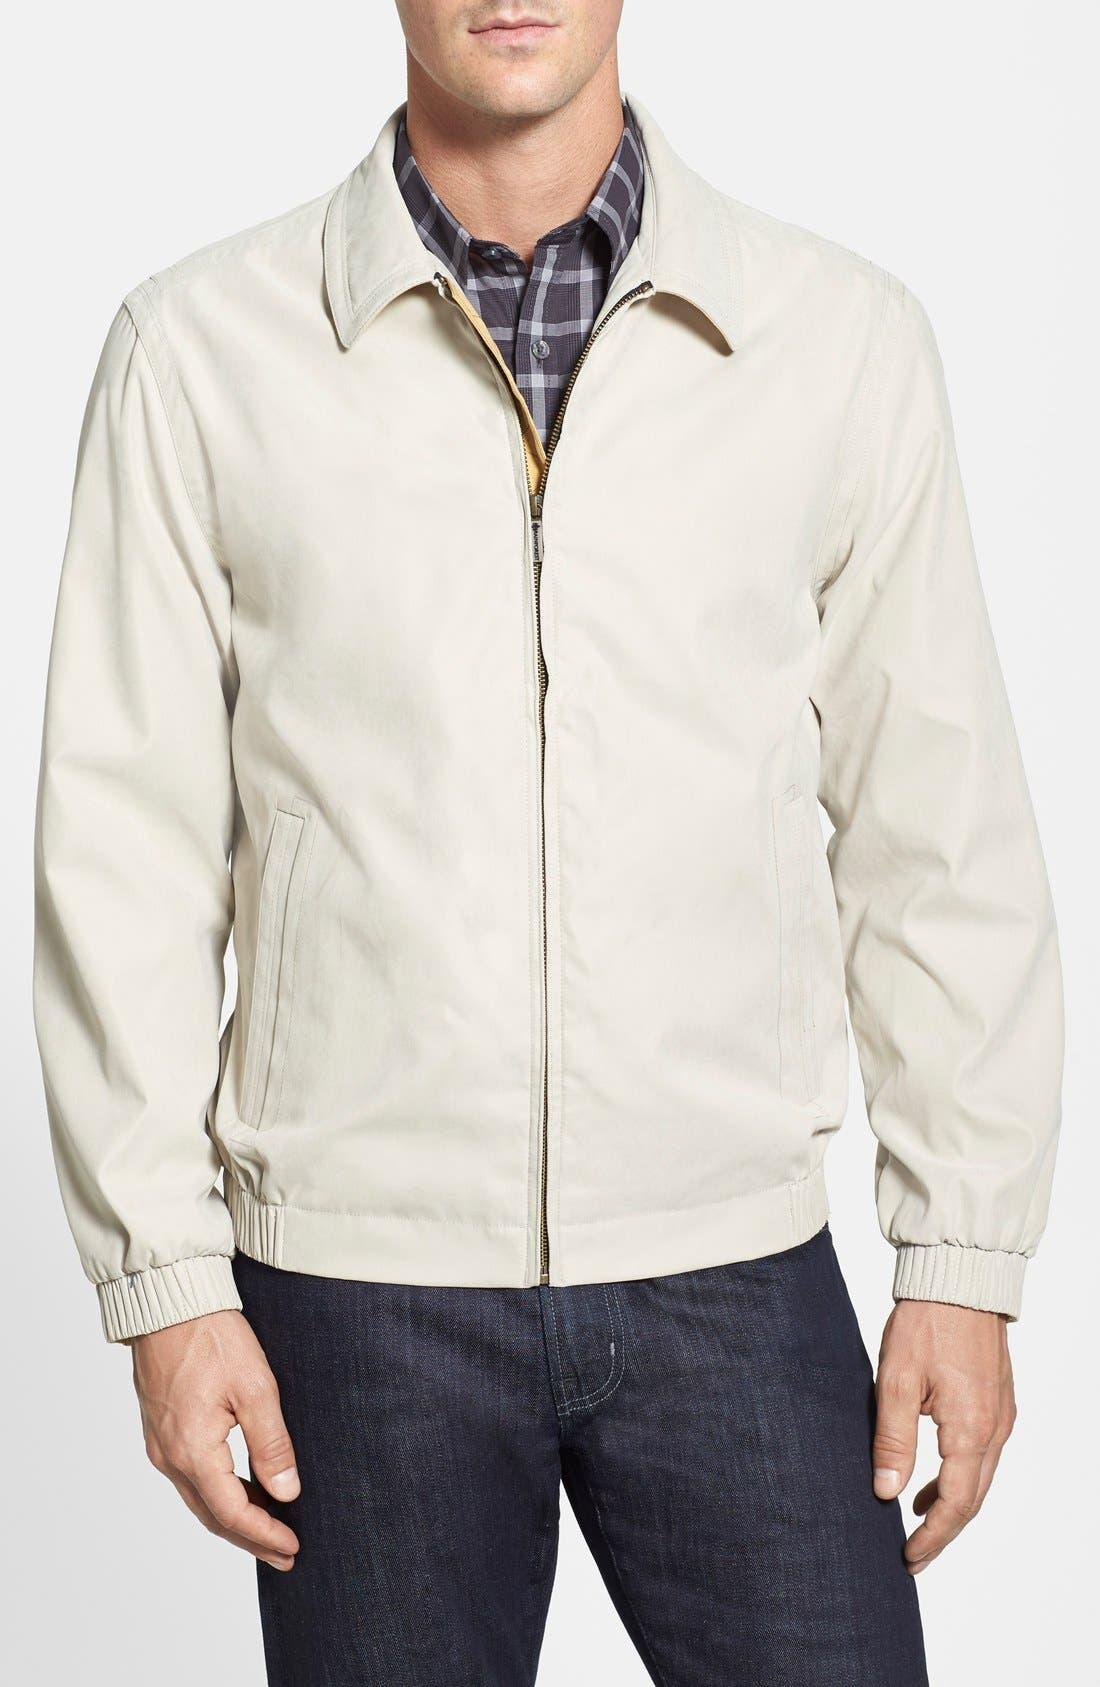 RAINFOREST 'Microseta' Lightweight Golf Jacket